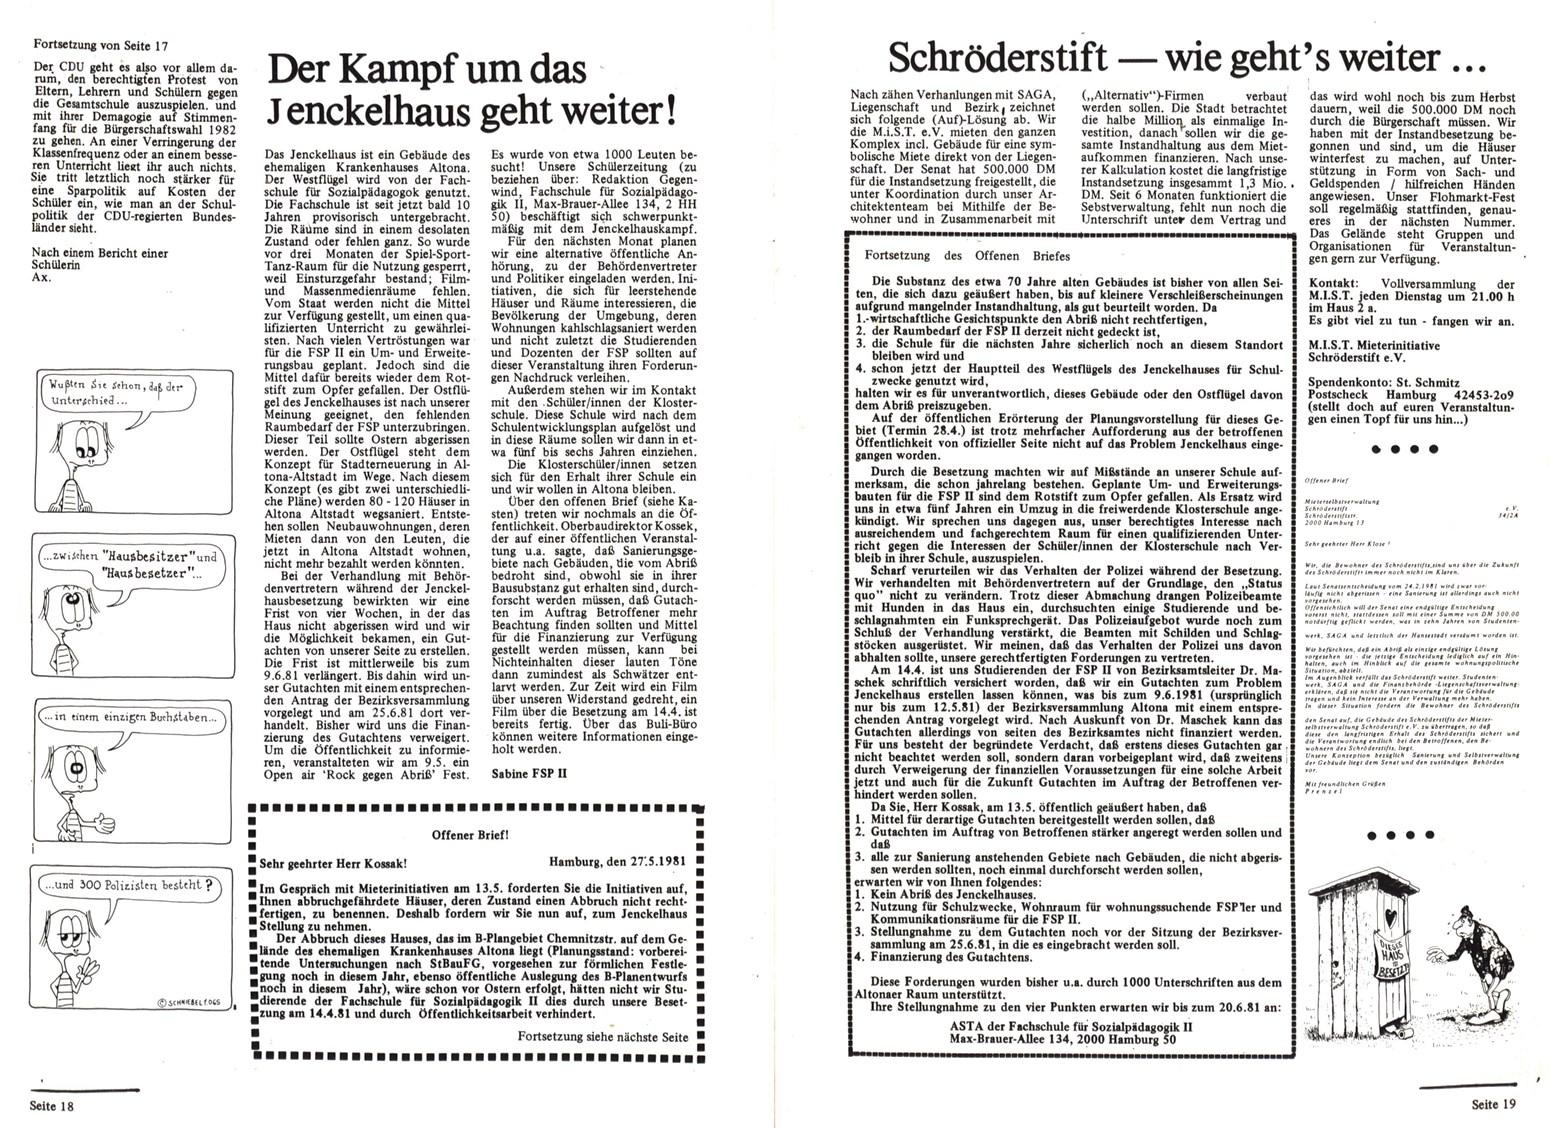 Hamburg_BuLi_Info_19810600_10